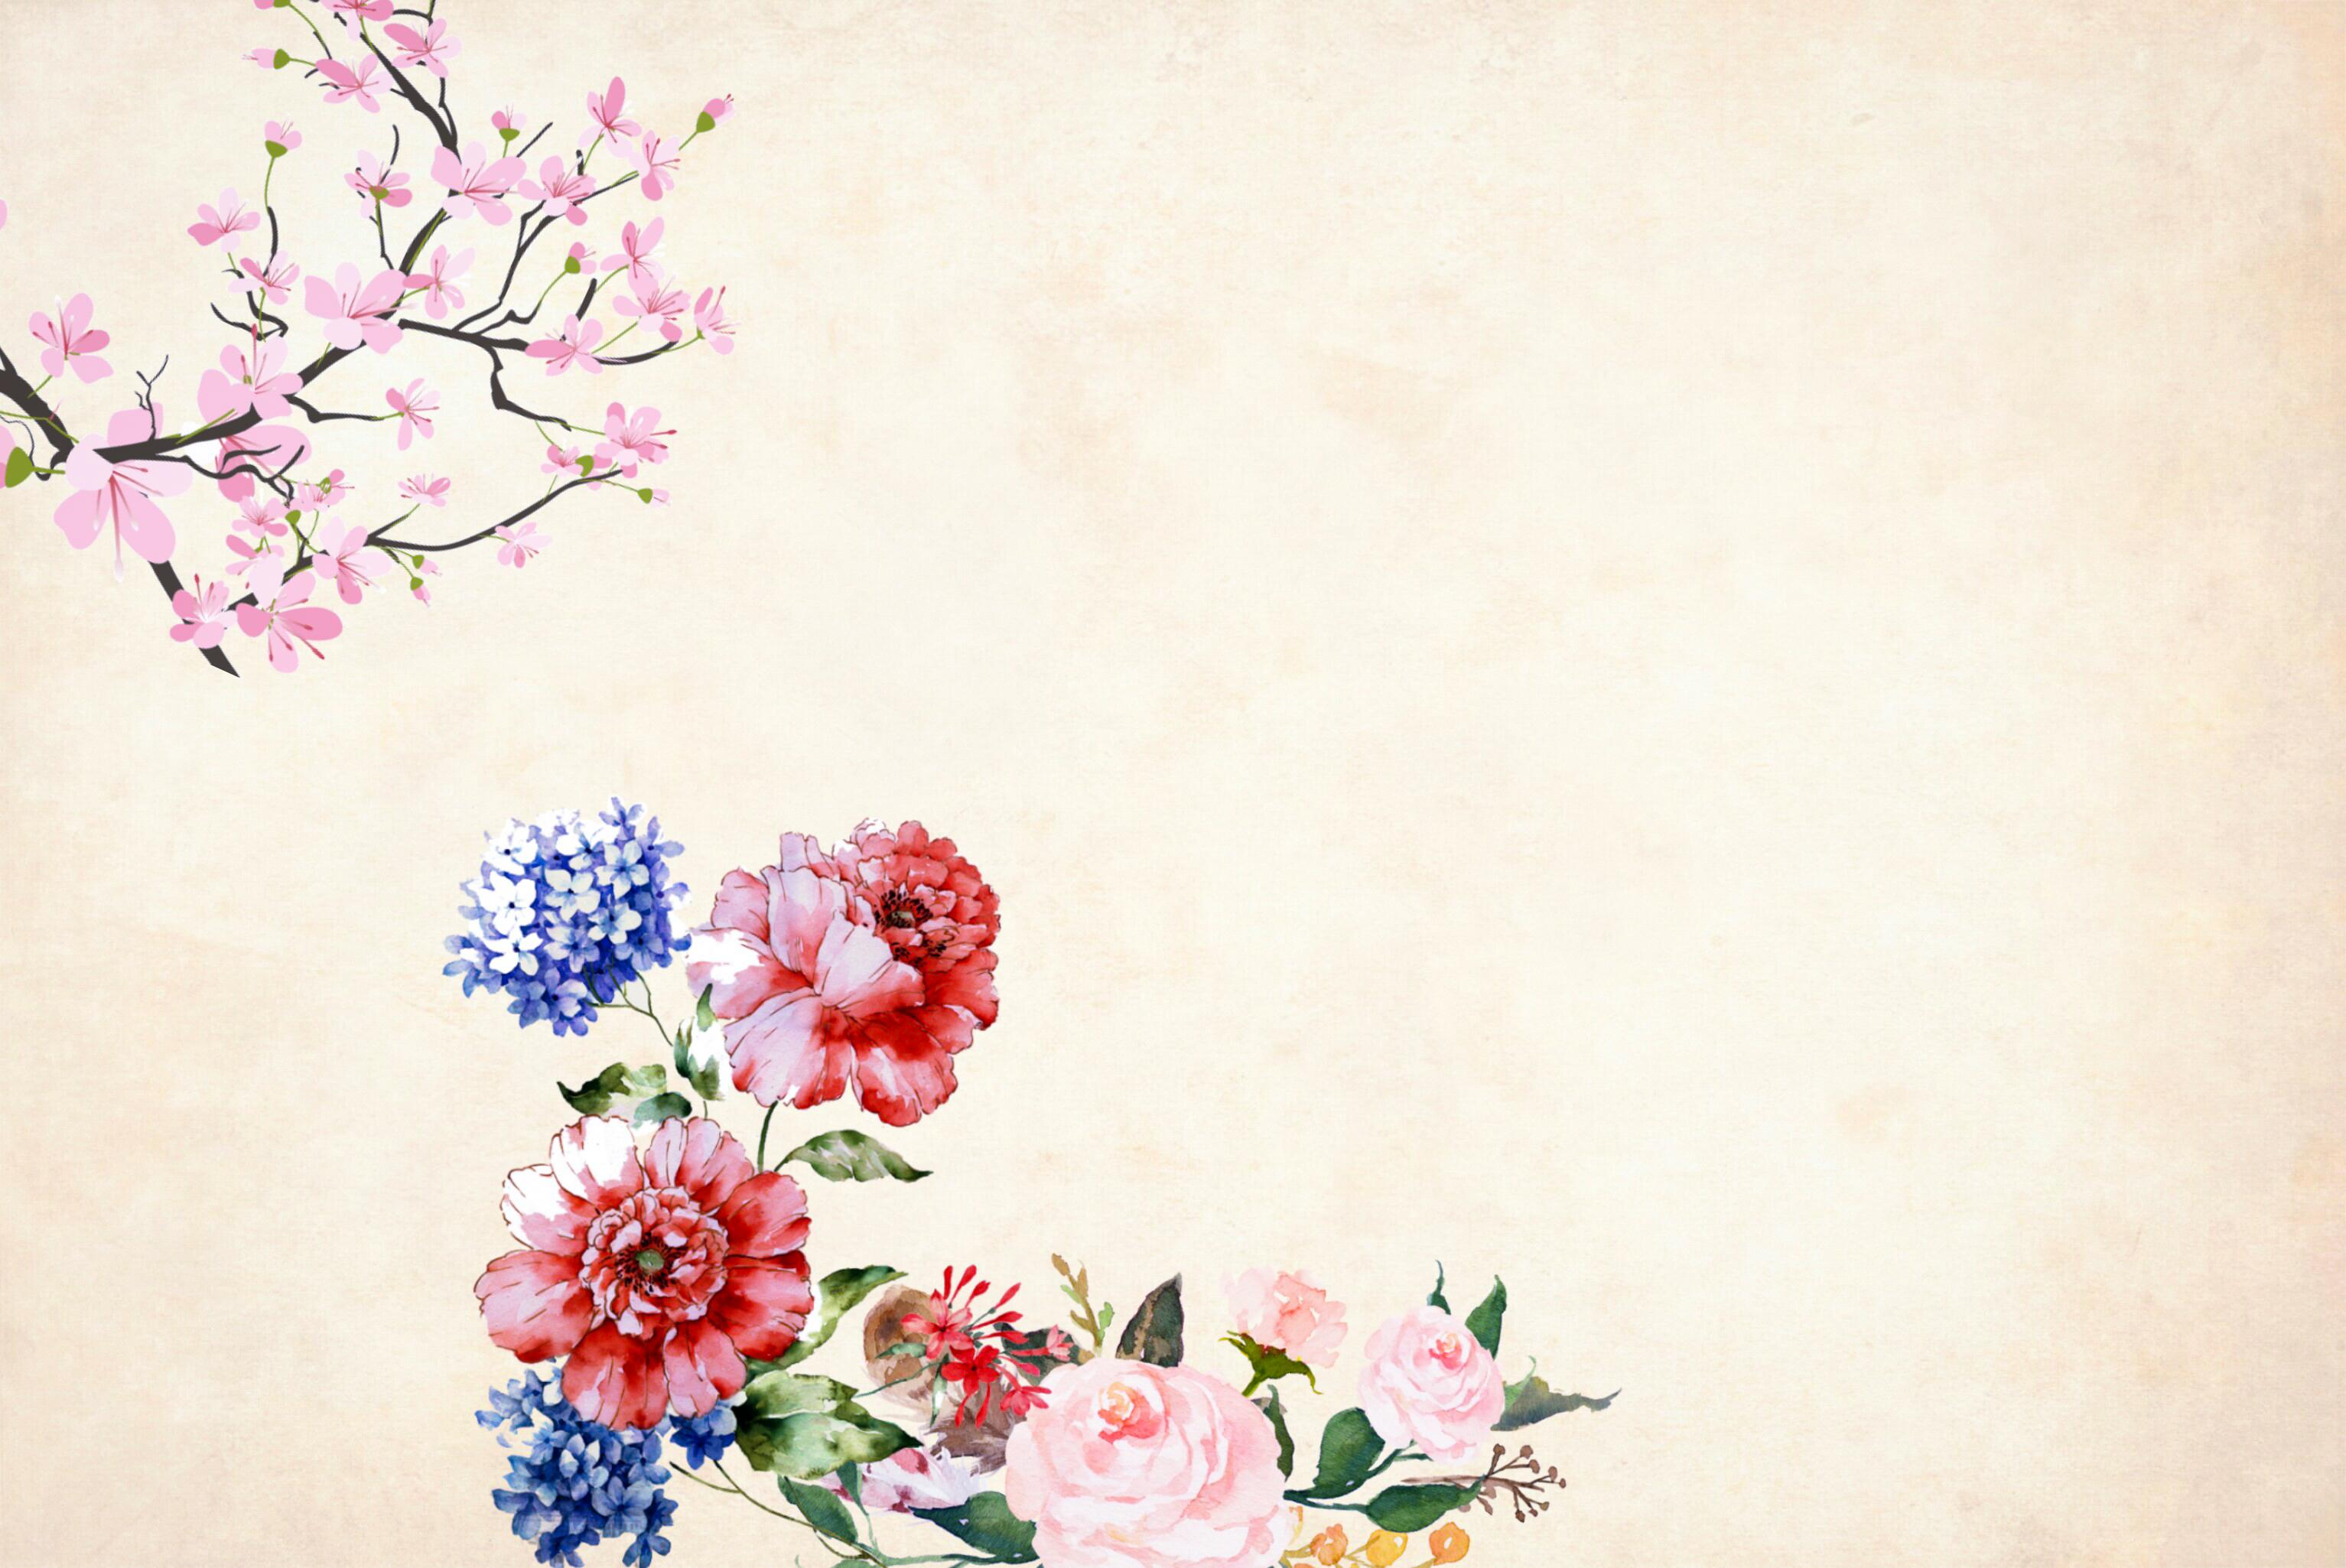 Gambar Latar Belakang Kertas Vintage Mawar Gugus